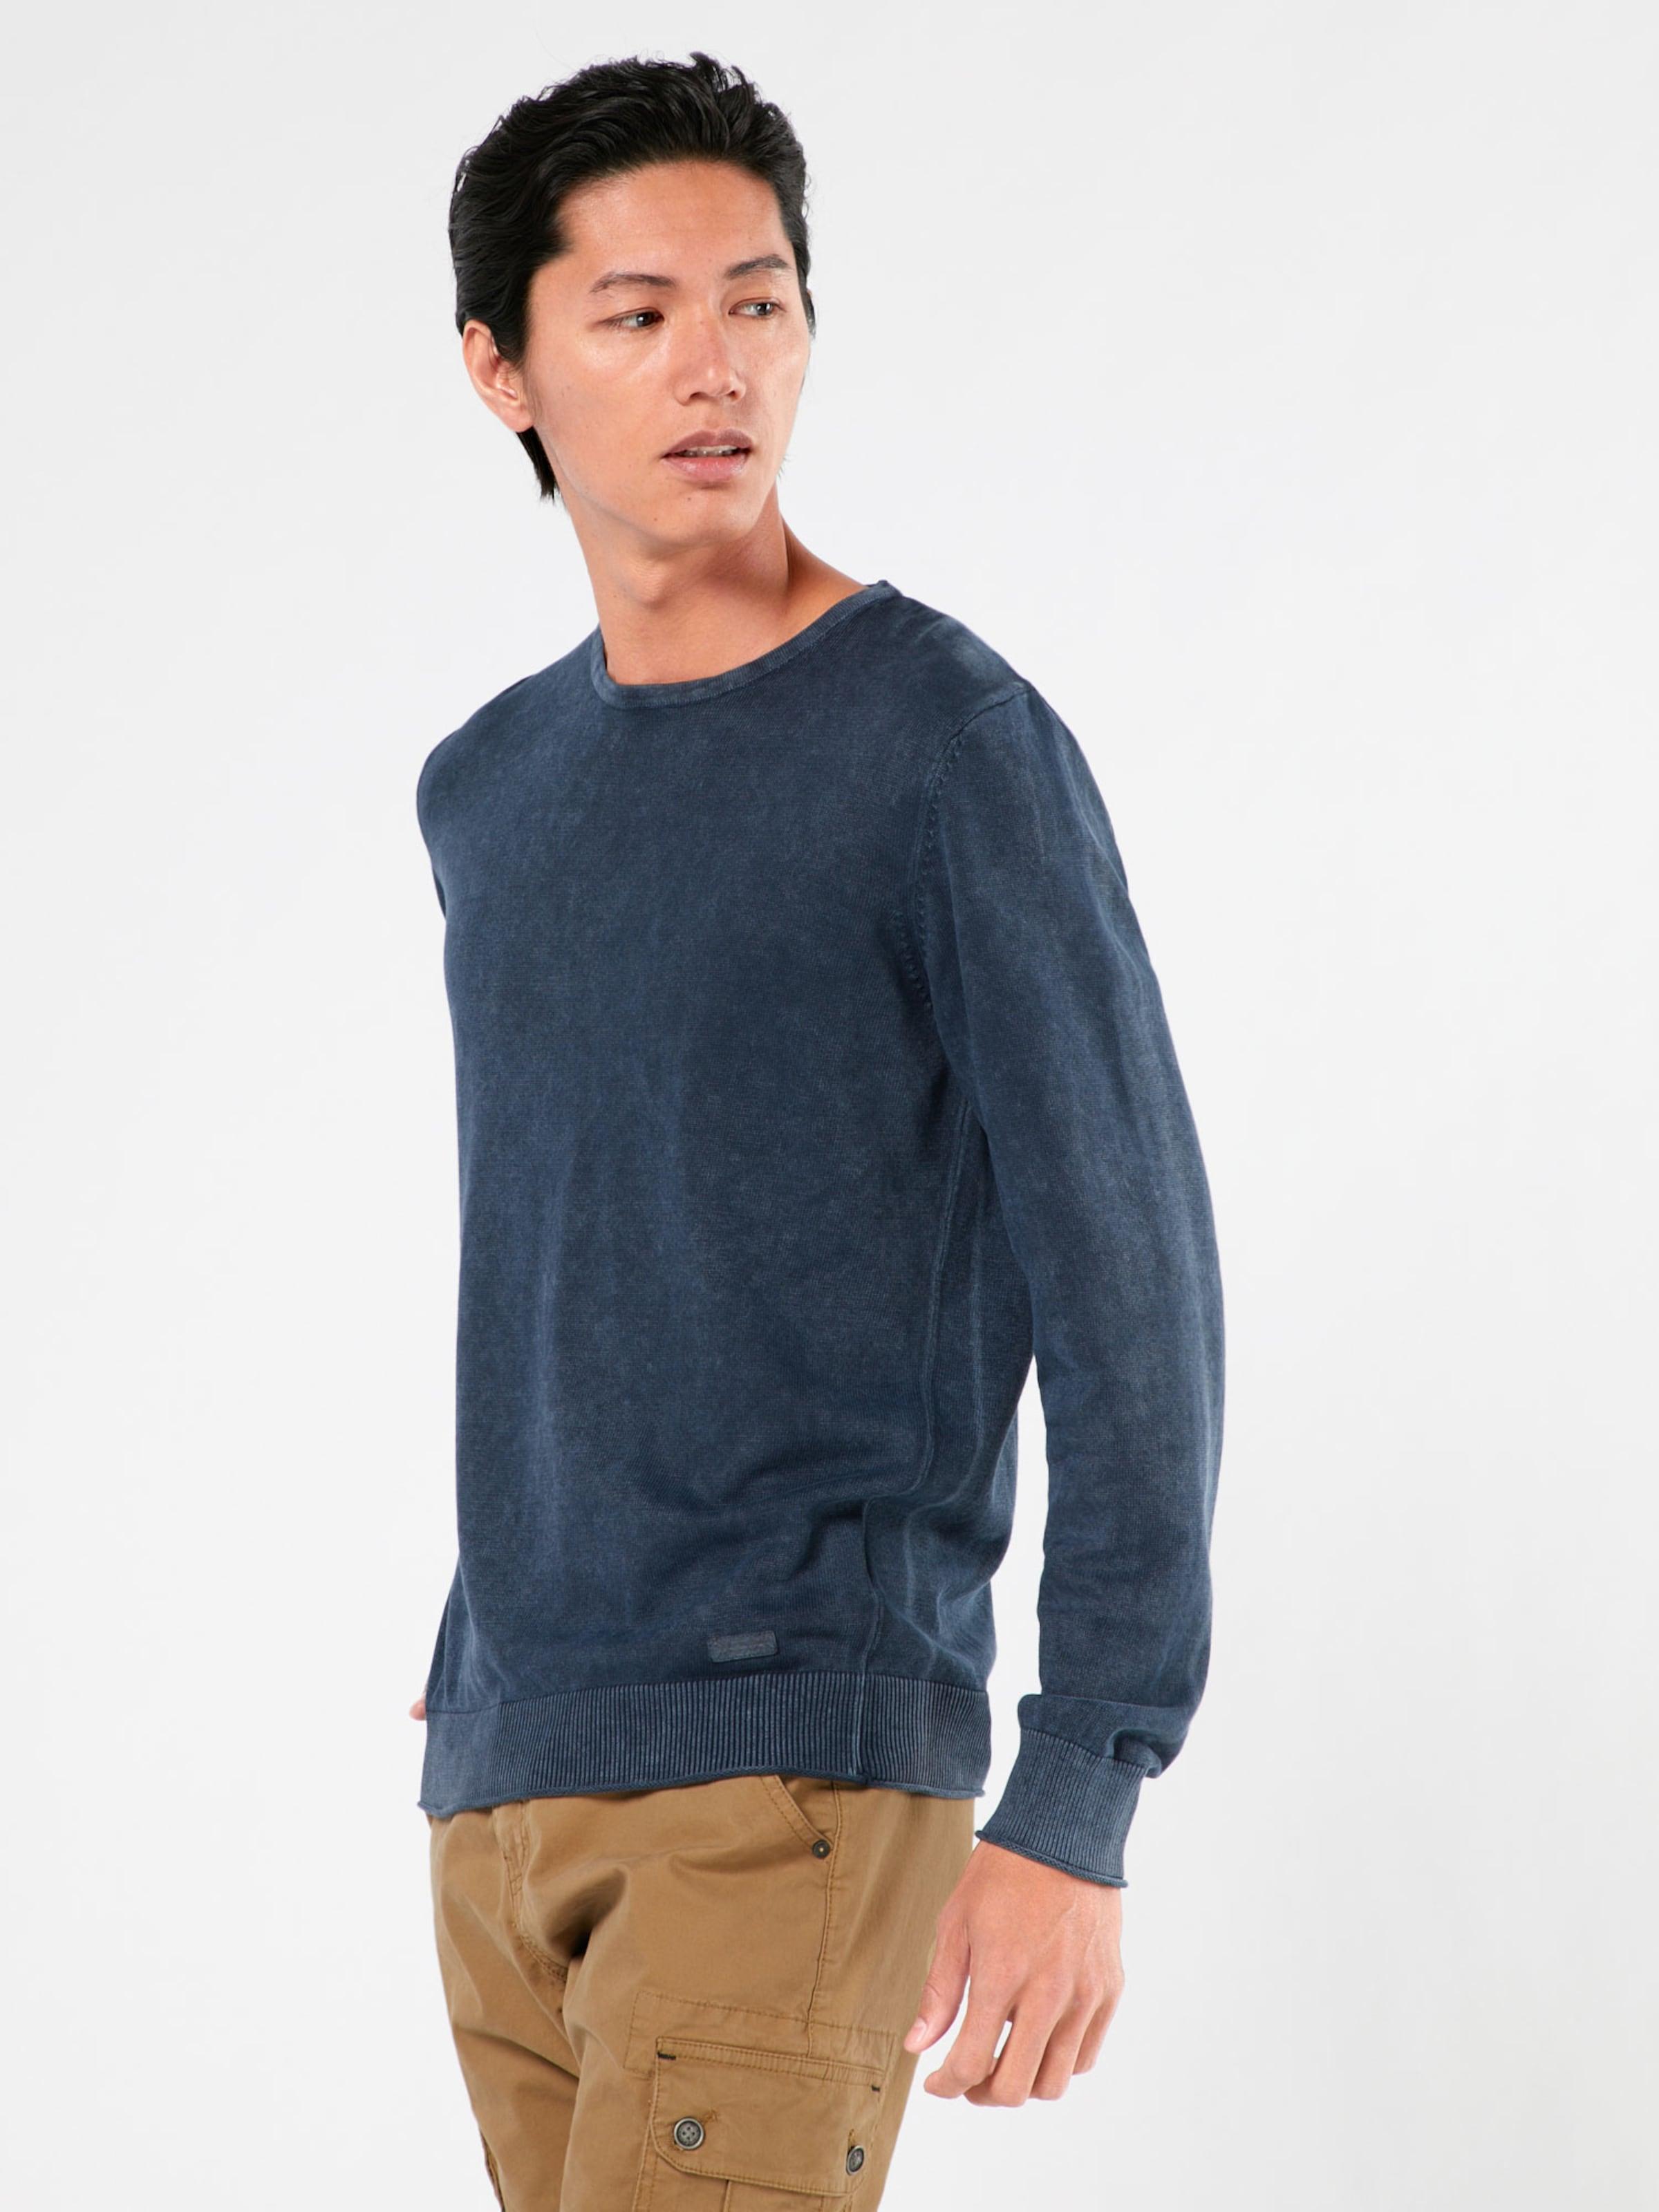 Aaa Qualität Freies Verschiffen Am Besten Pepe Jeans Pullover 'DUKE' Erscheinungsdaten Günstigen Preis Billig Verkauf Neueste Genießen Freies Verschiffen 4ZxXk